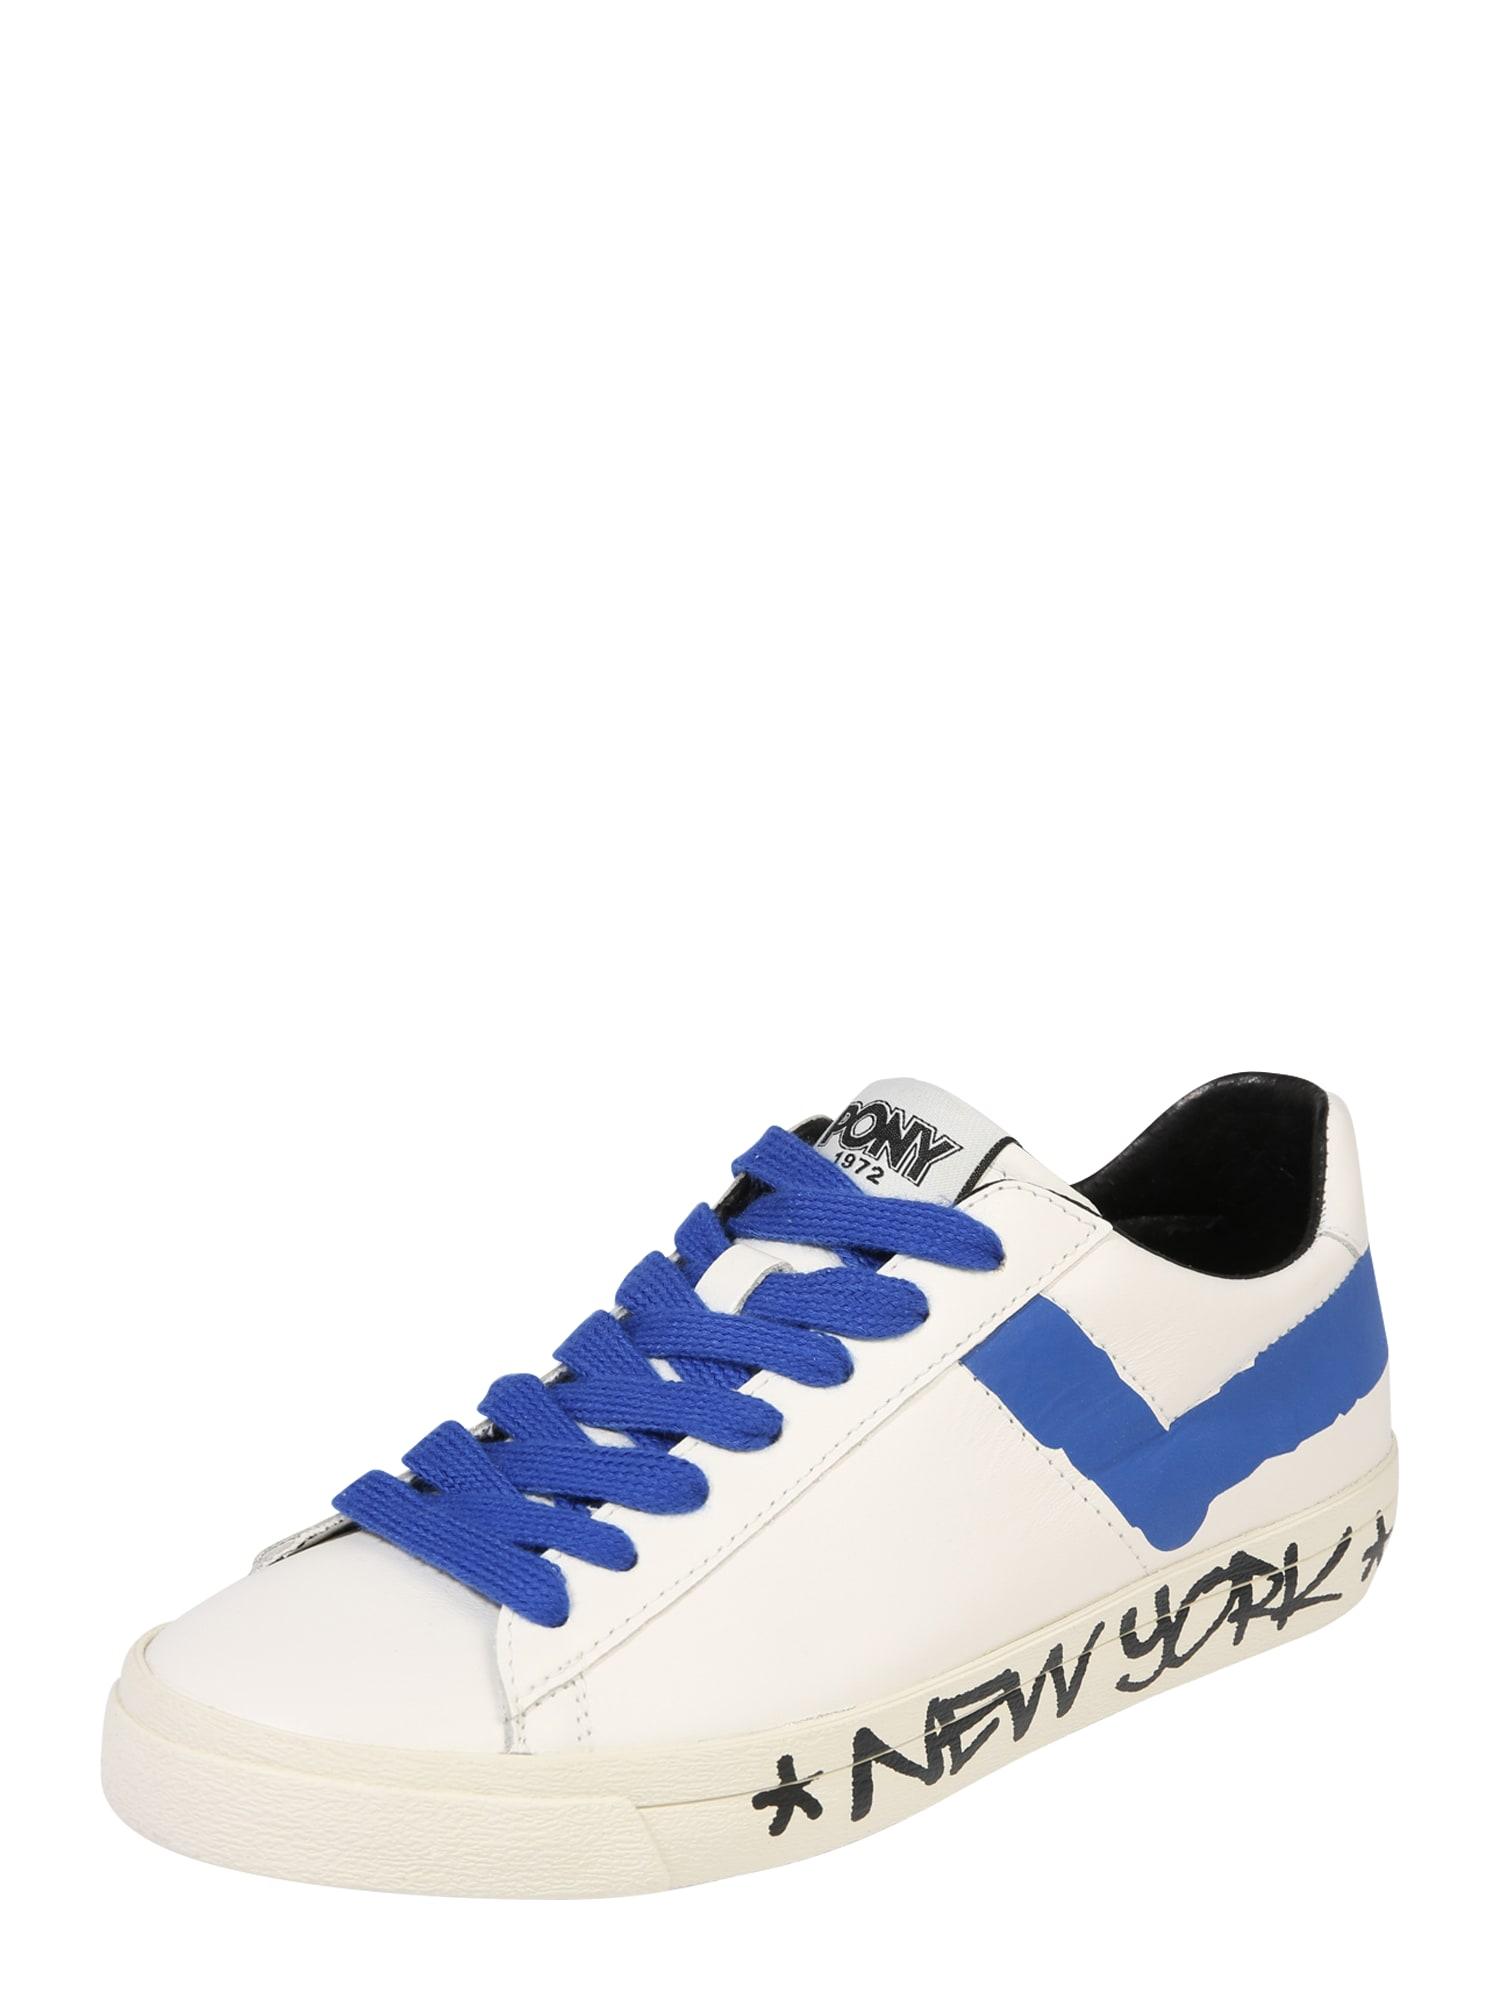 Tenisky TOP STAR modrá bílá PONY